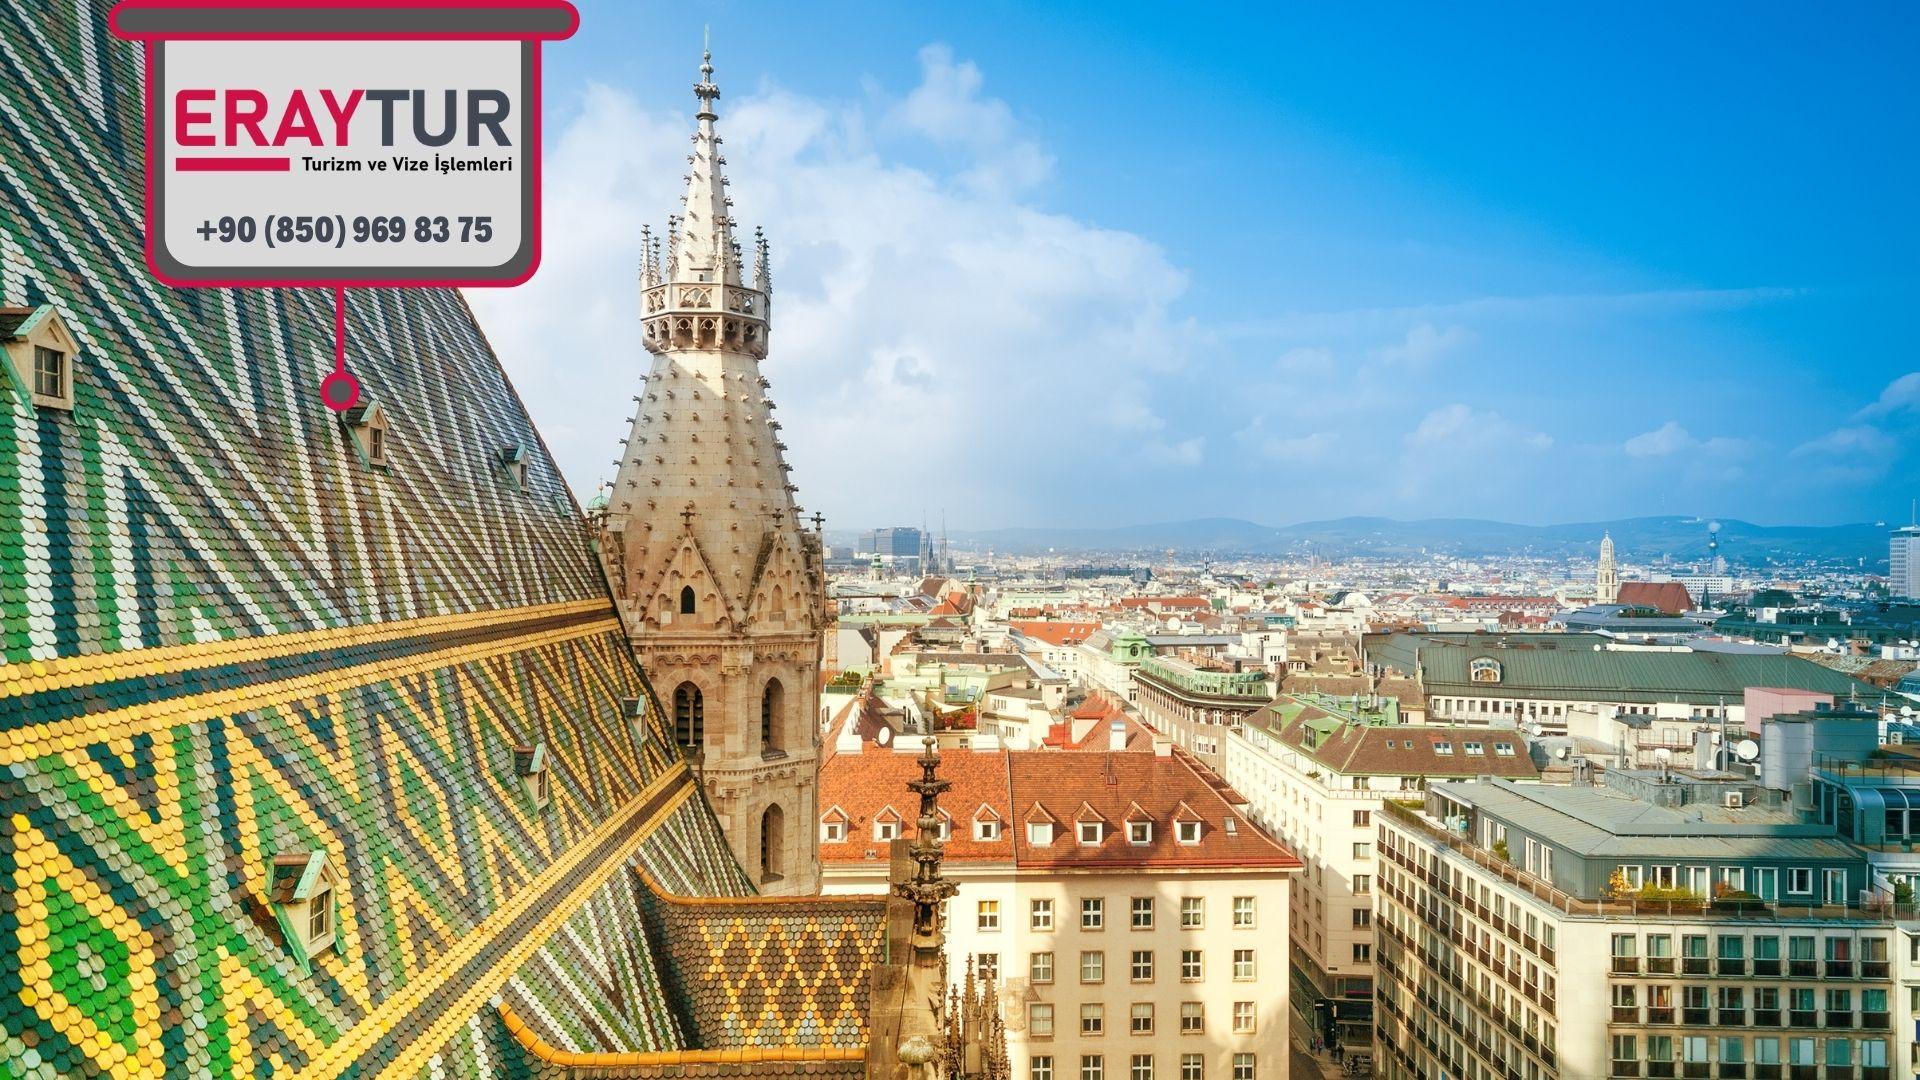 Avusturya Aile Ziyareti Vizesi İçin Gerekli Evraklar